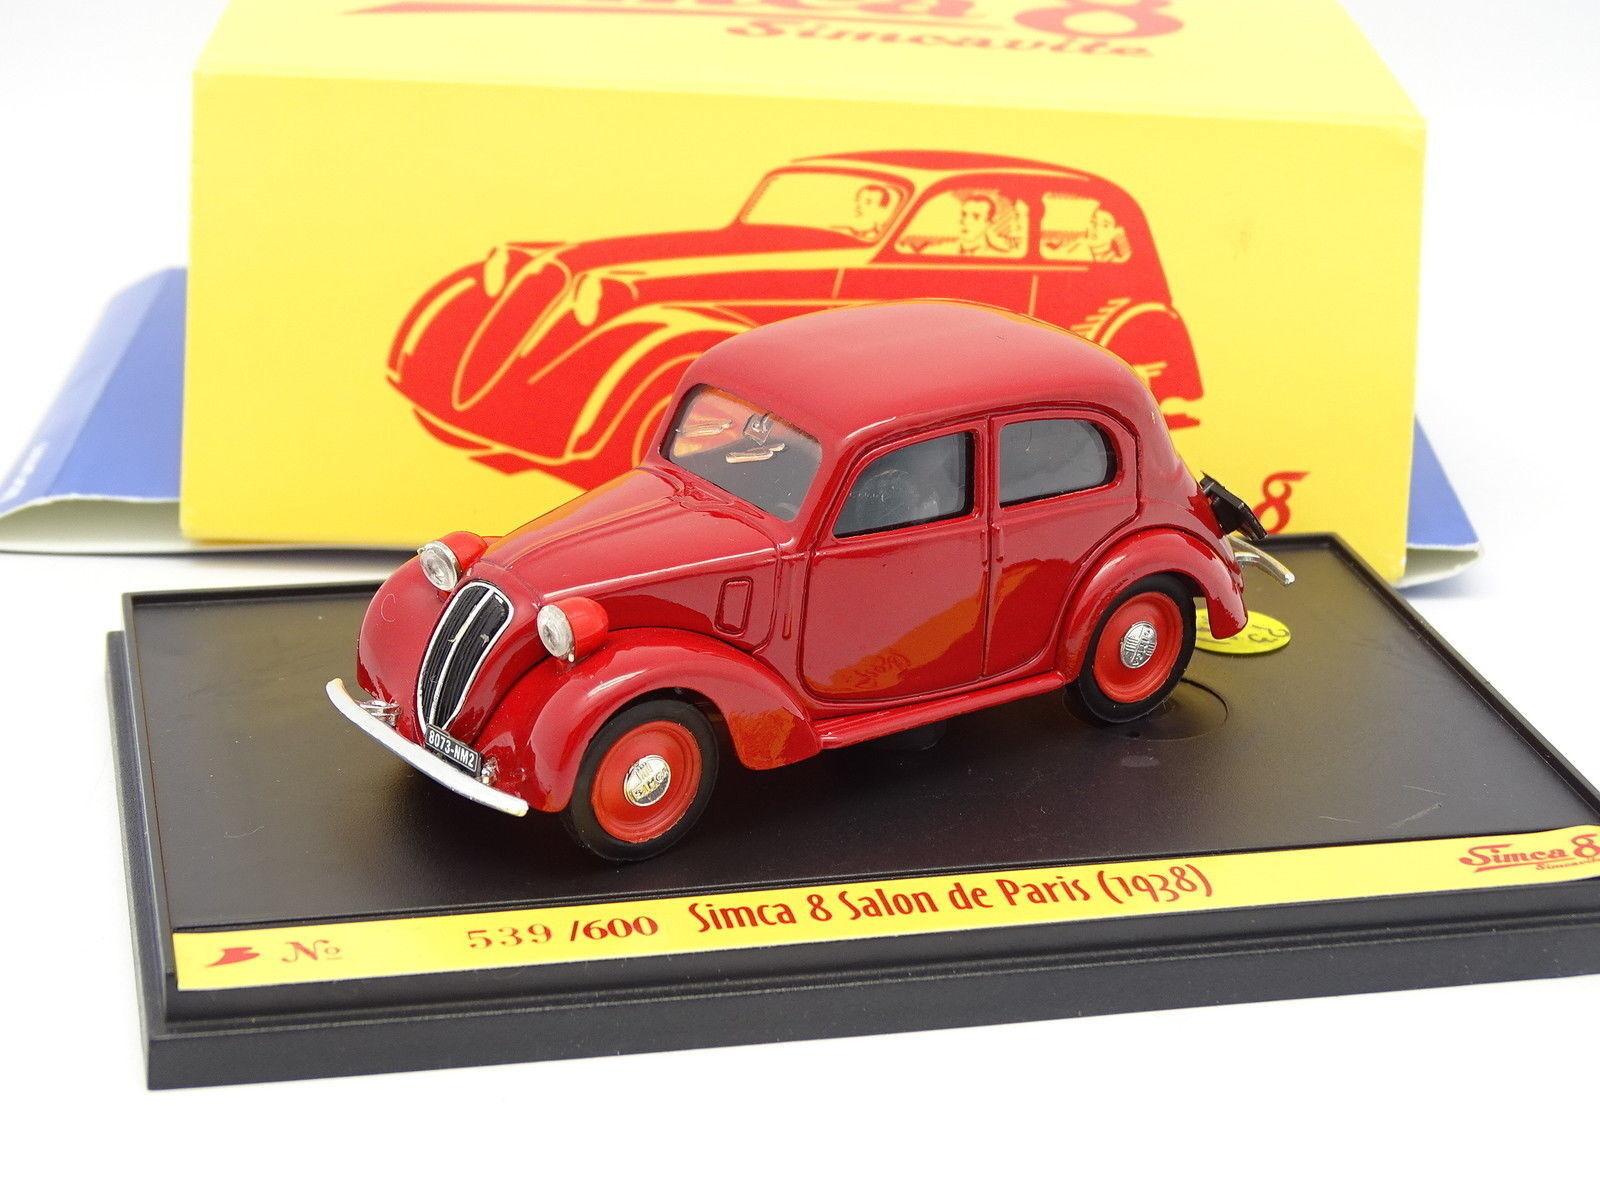 Brumm 1 43 - Simca 8 Tisch- von Paris 1938 Rot